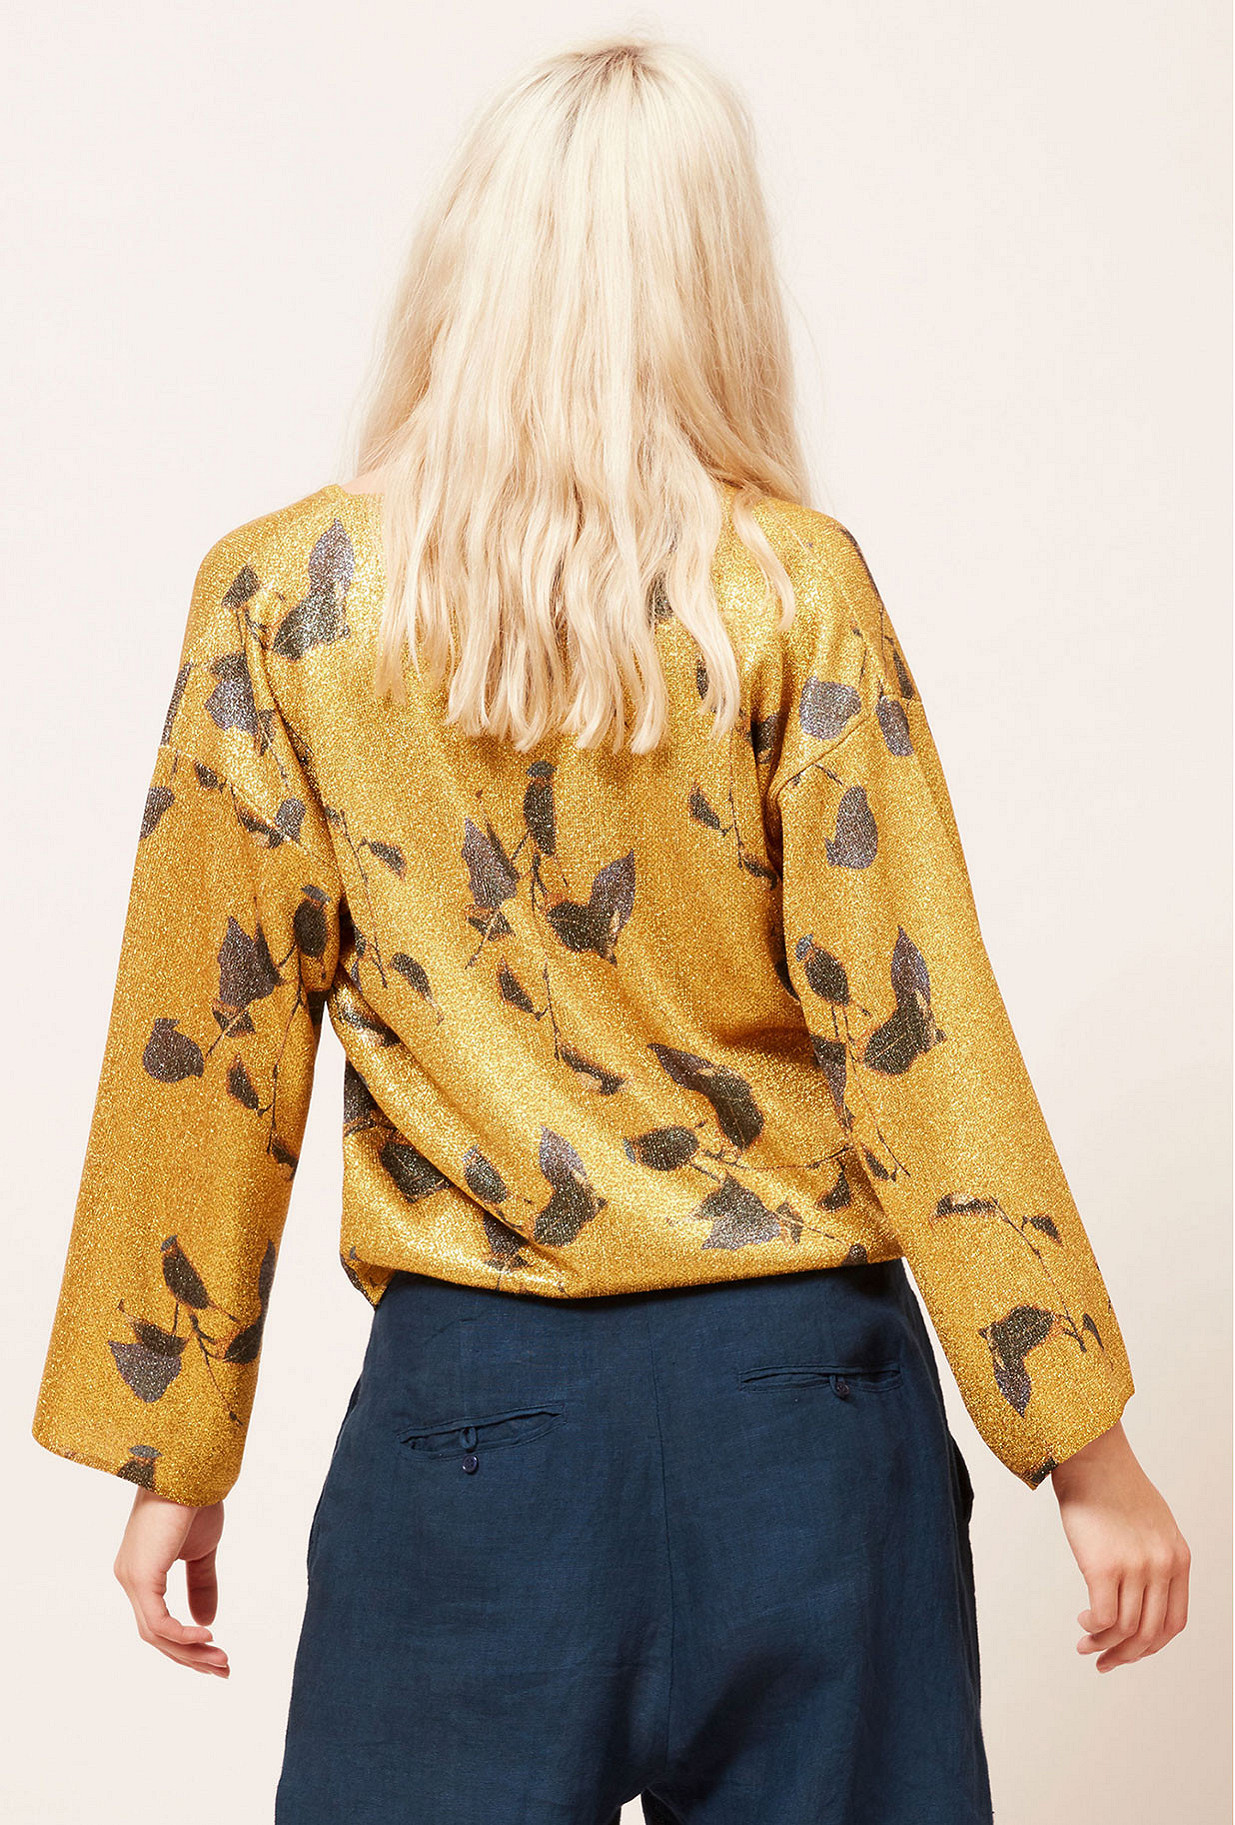 Paris boutique de mode vêtement Pull créateur bohème Garfield